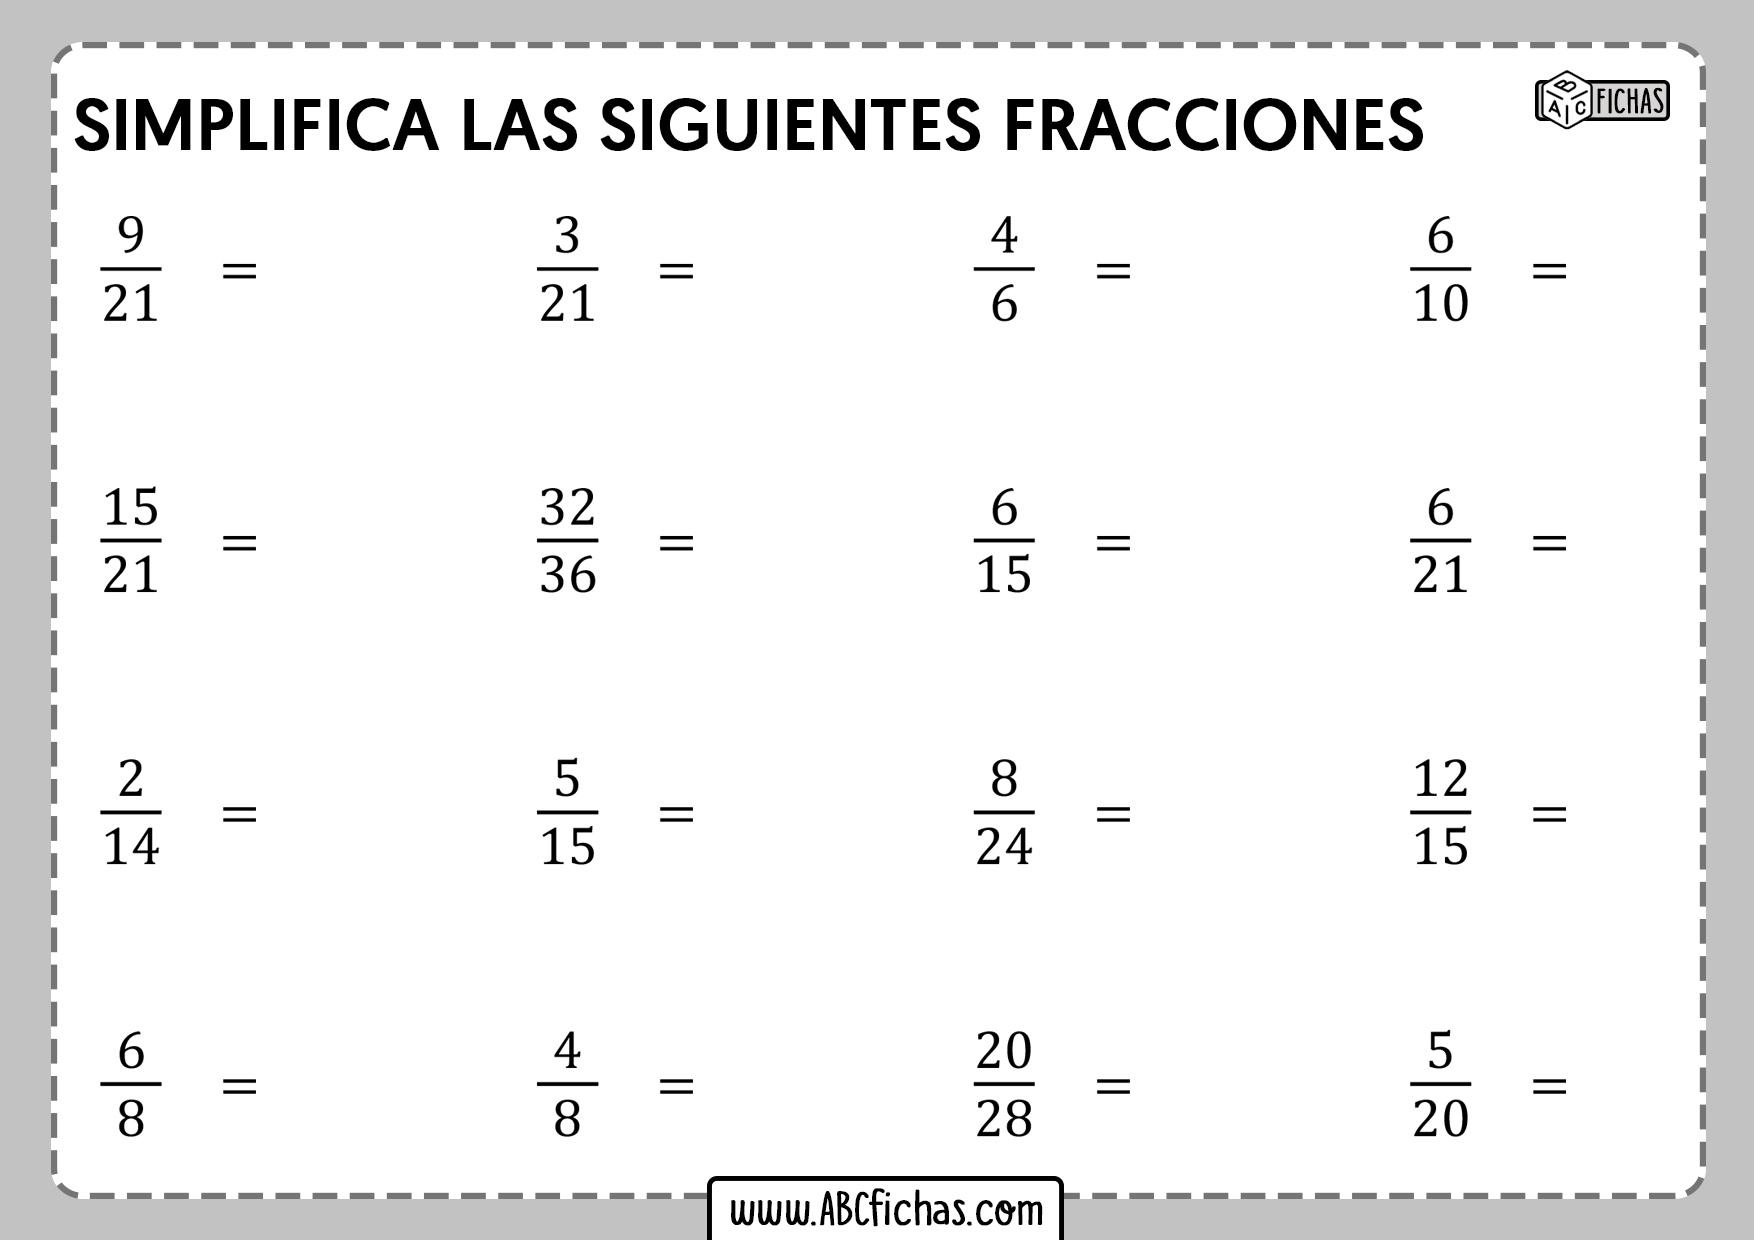 Fichs de ejercicios de simplificar fracciones